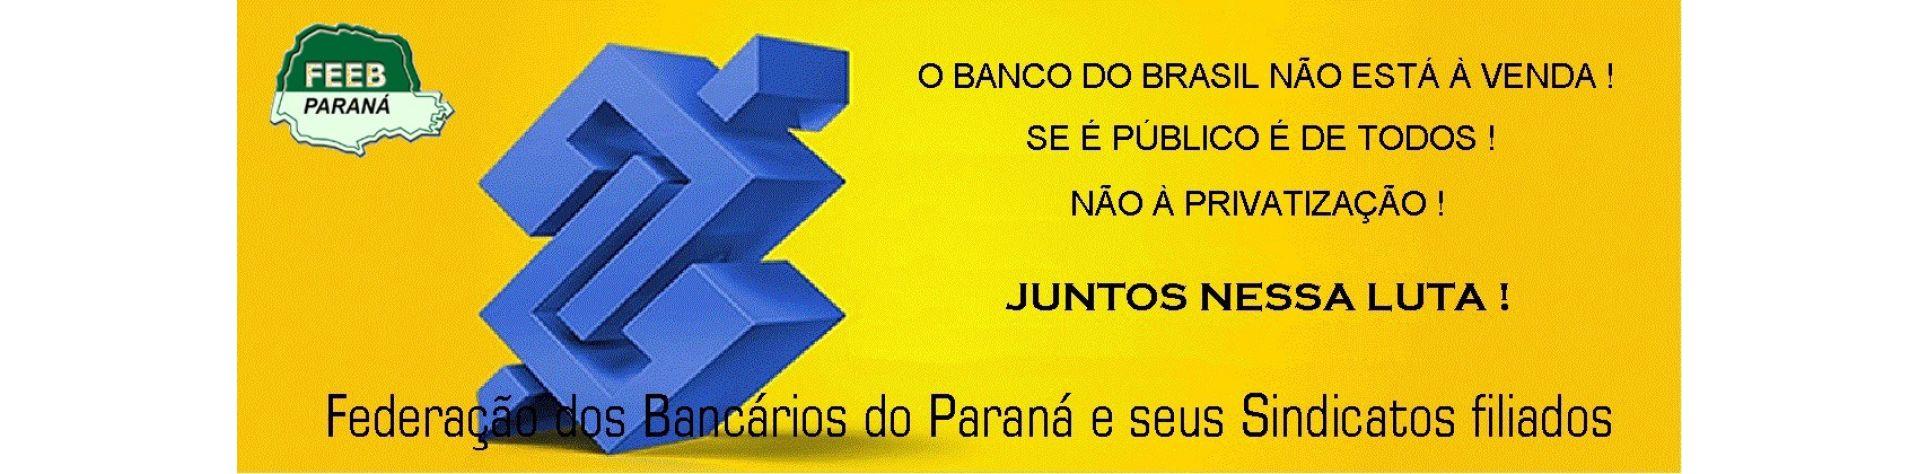 O Banco do Brasil não está à venda!